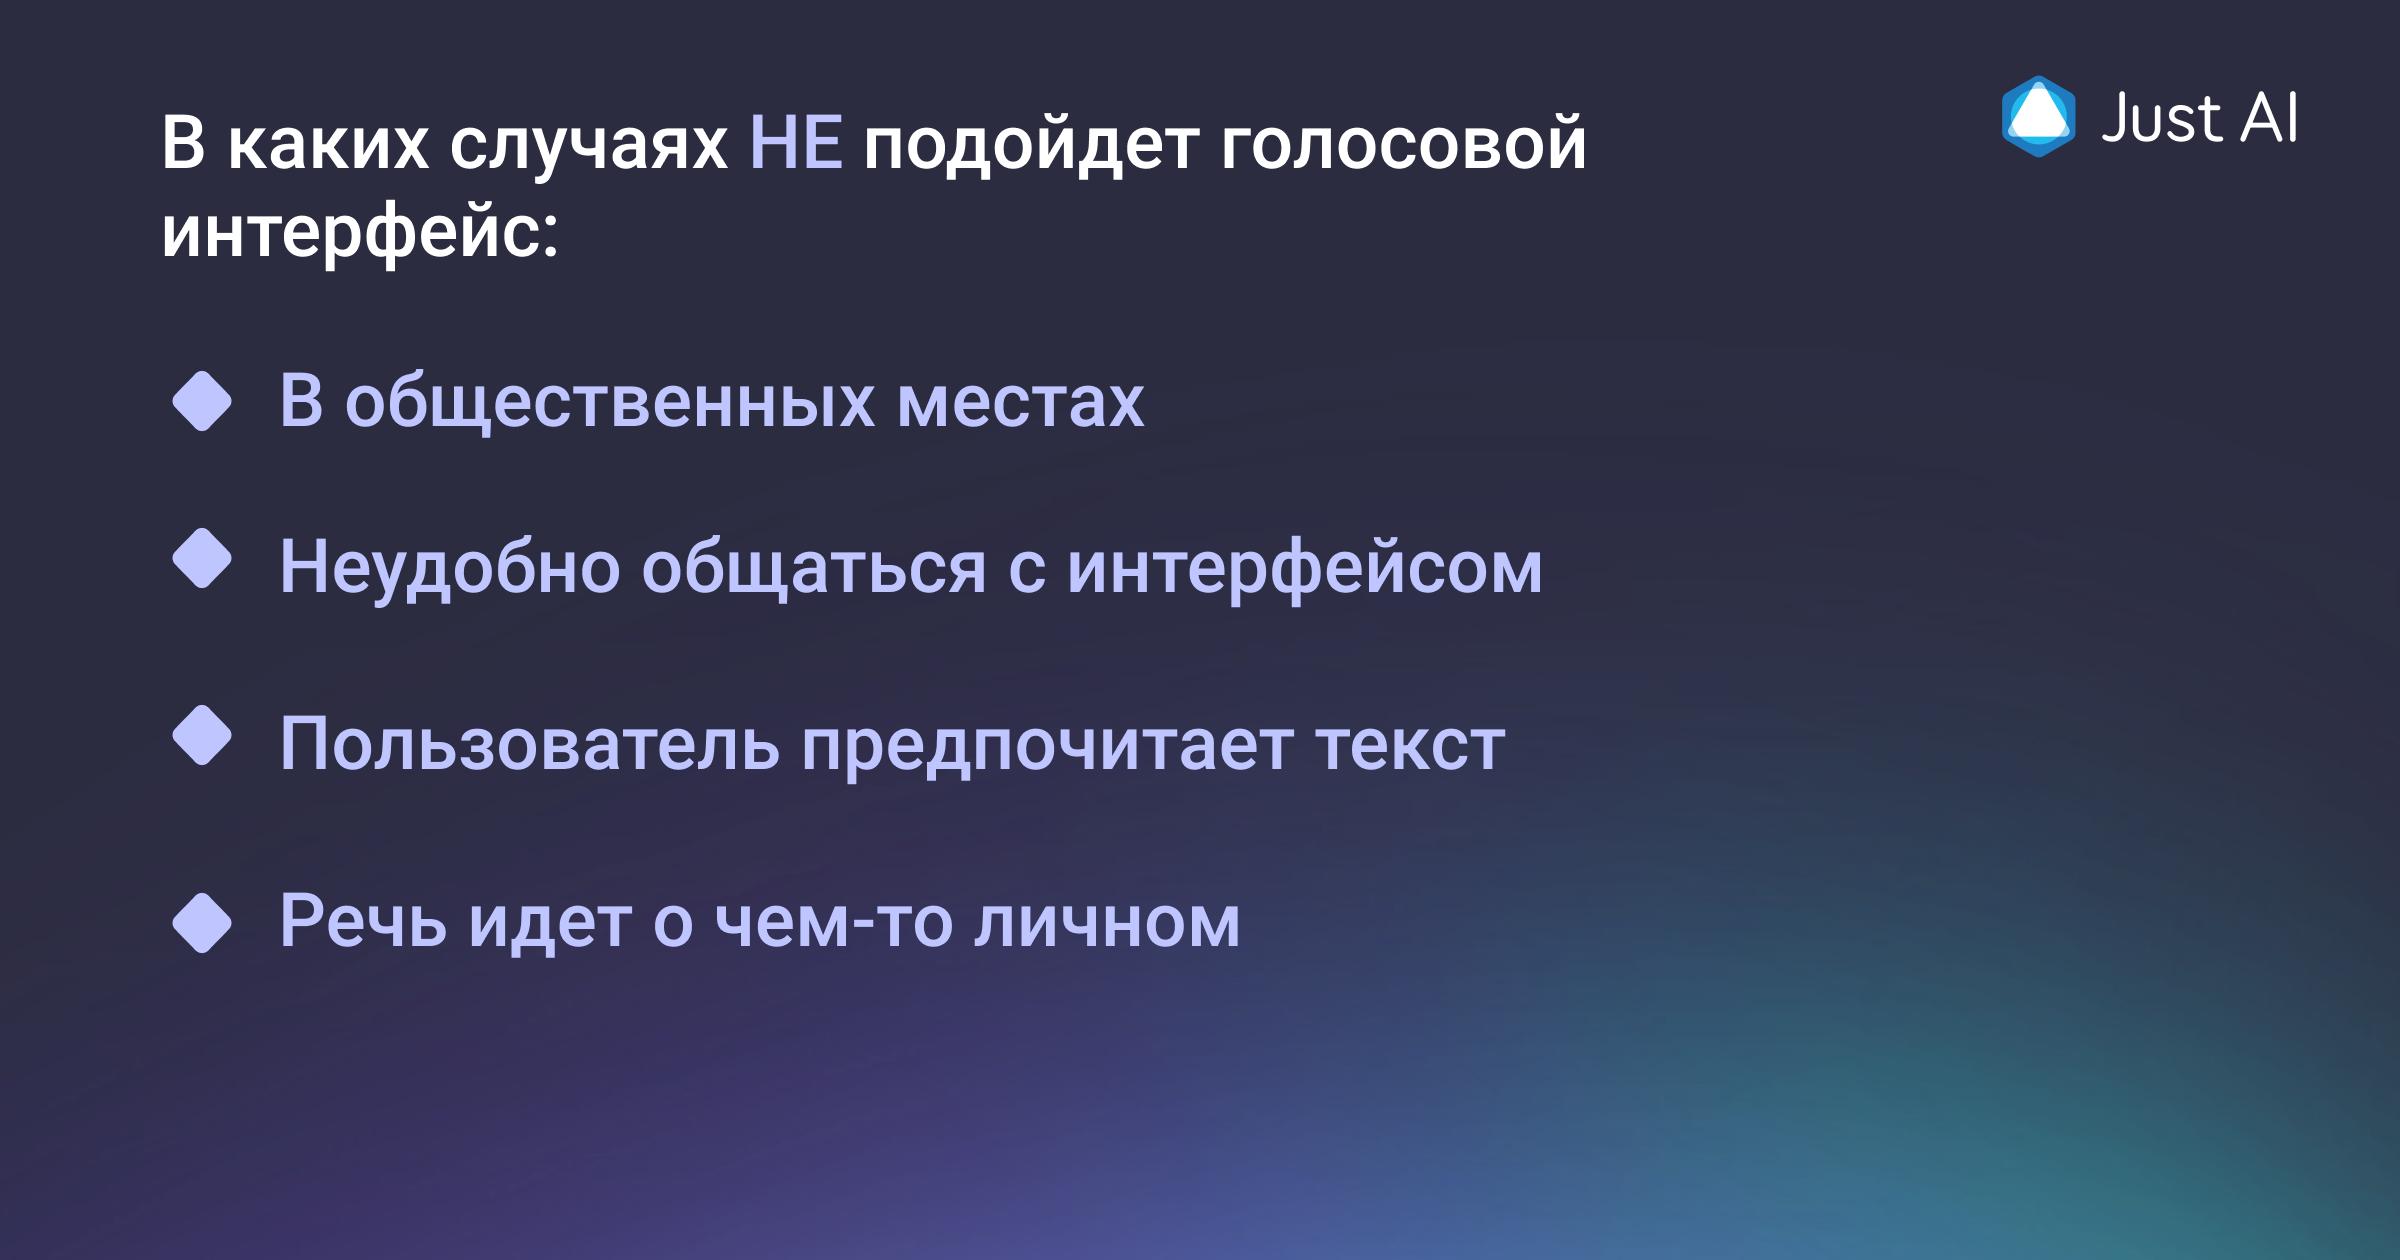 Если голосовой интерфейс не подходит, возможно, подойдет текстовый